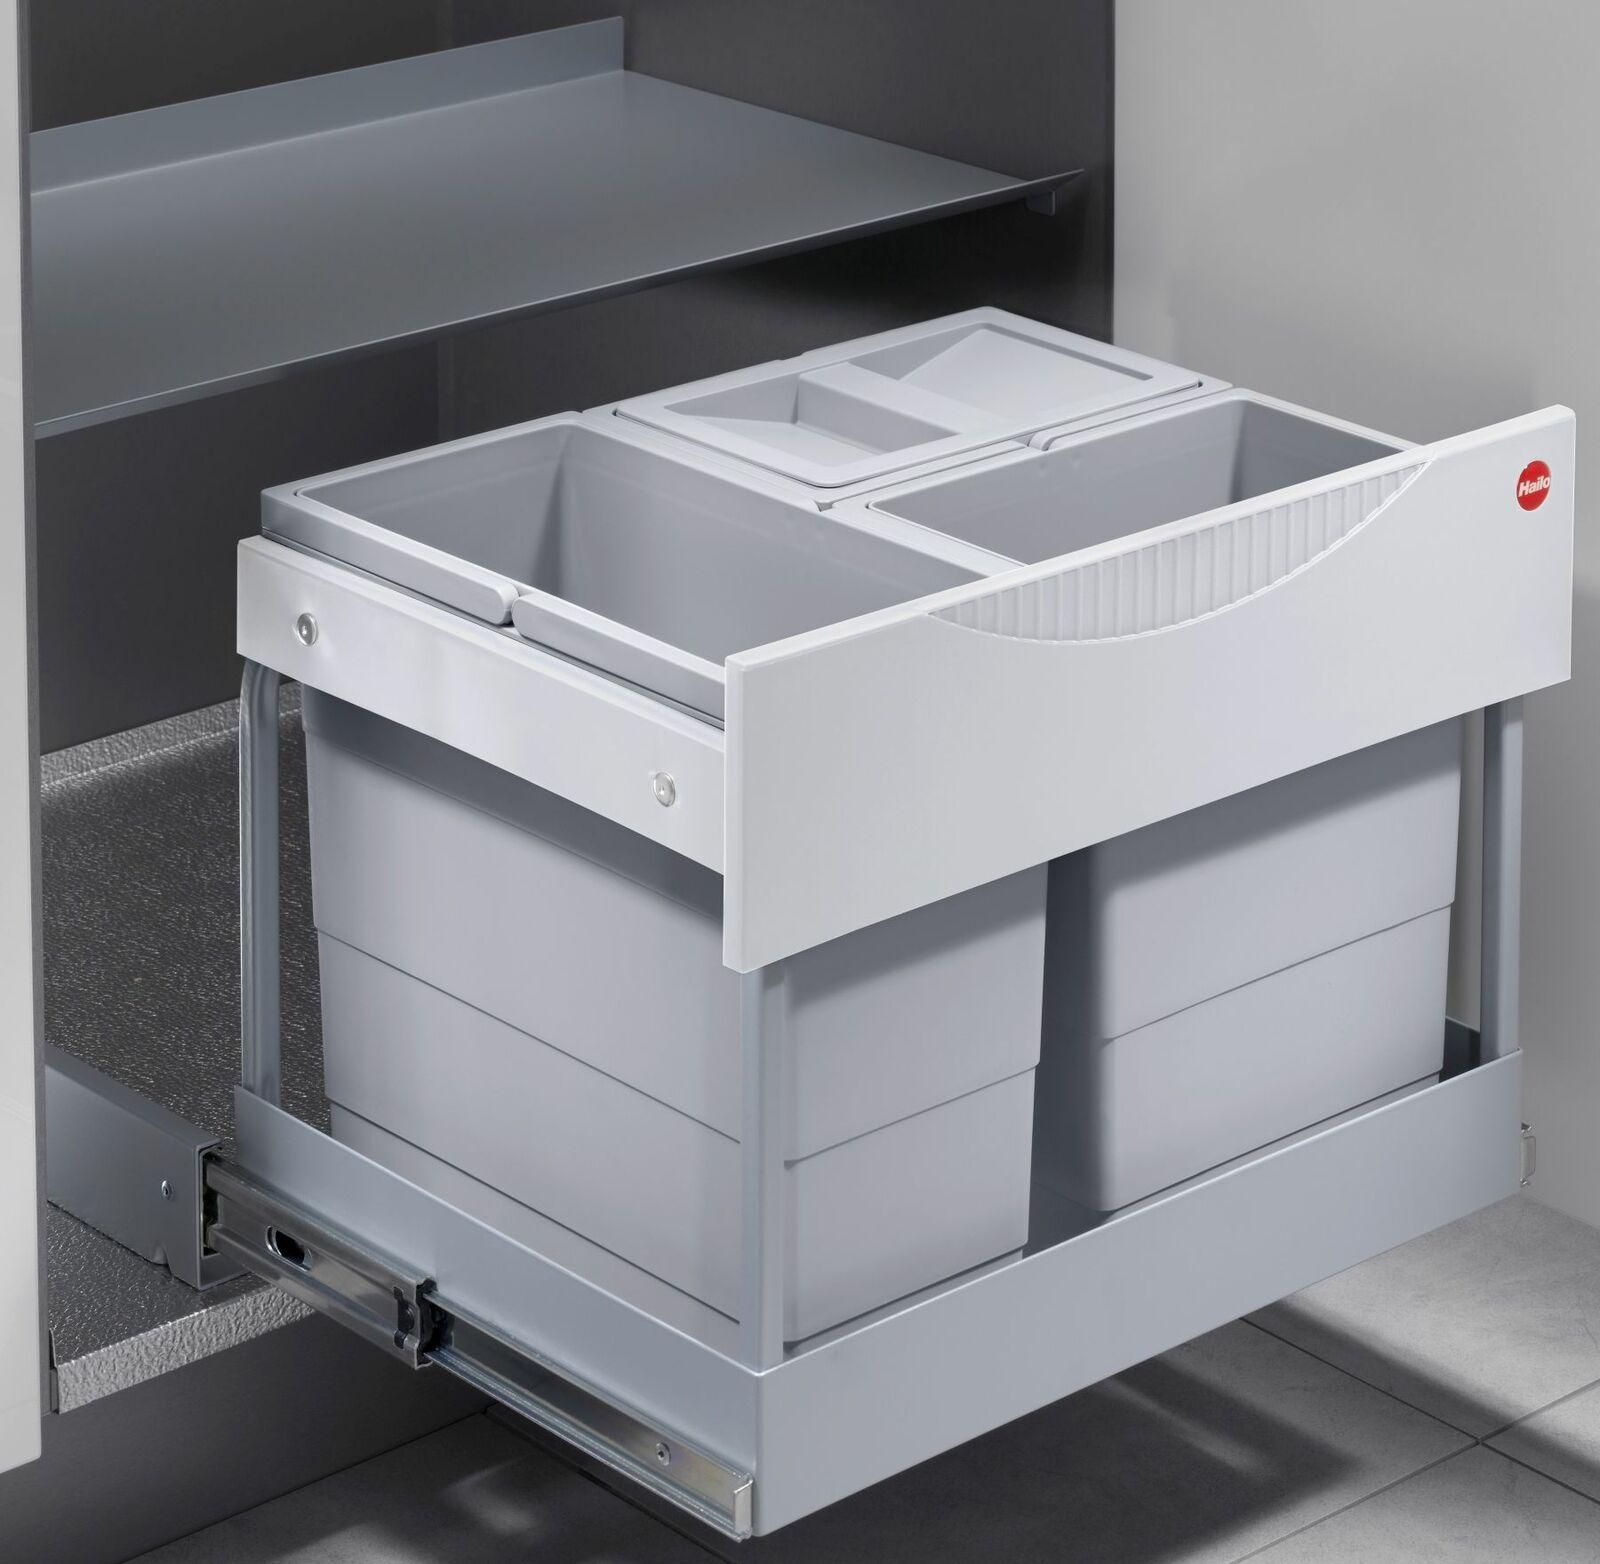 Full Size of Müllsystem Mllsysteme Mehr Als 50 Angebote Küche Wohnzimmer Müllsystem